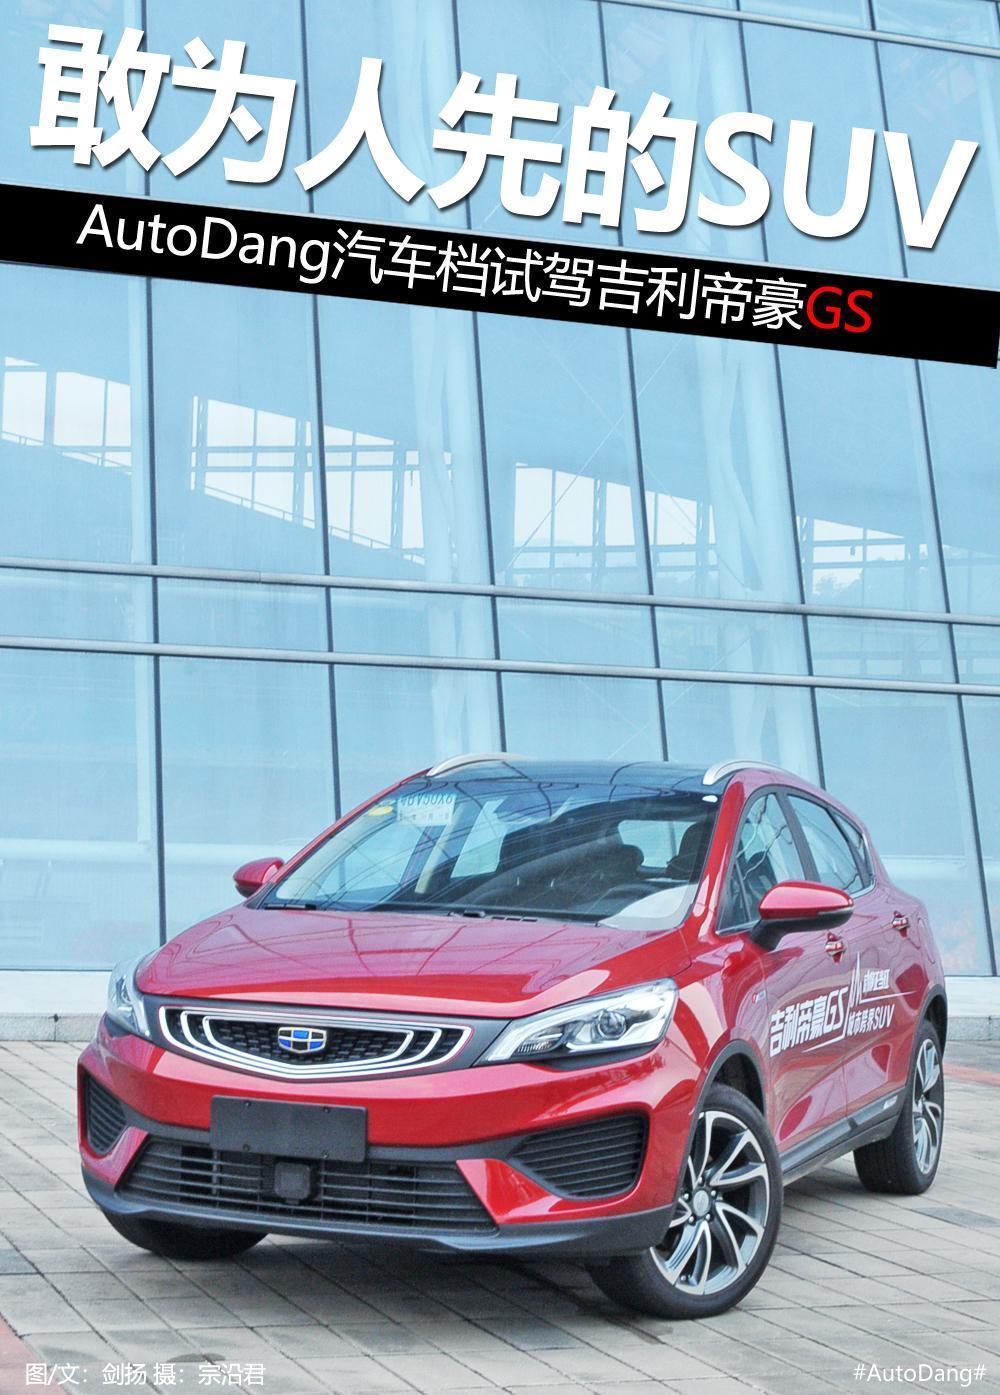 敢为人先的SUV AutoDang汽车档试驾吉利帝豪GS_广东快乐十分最快